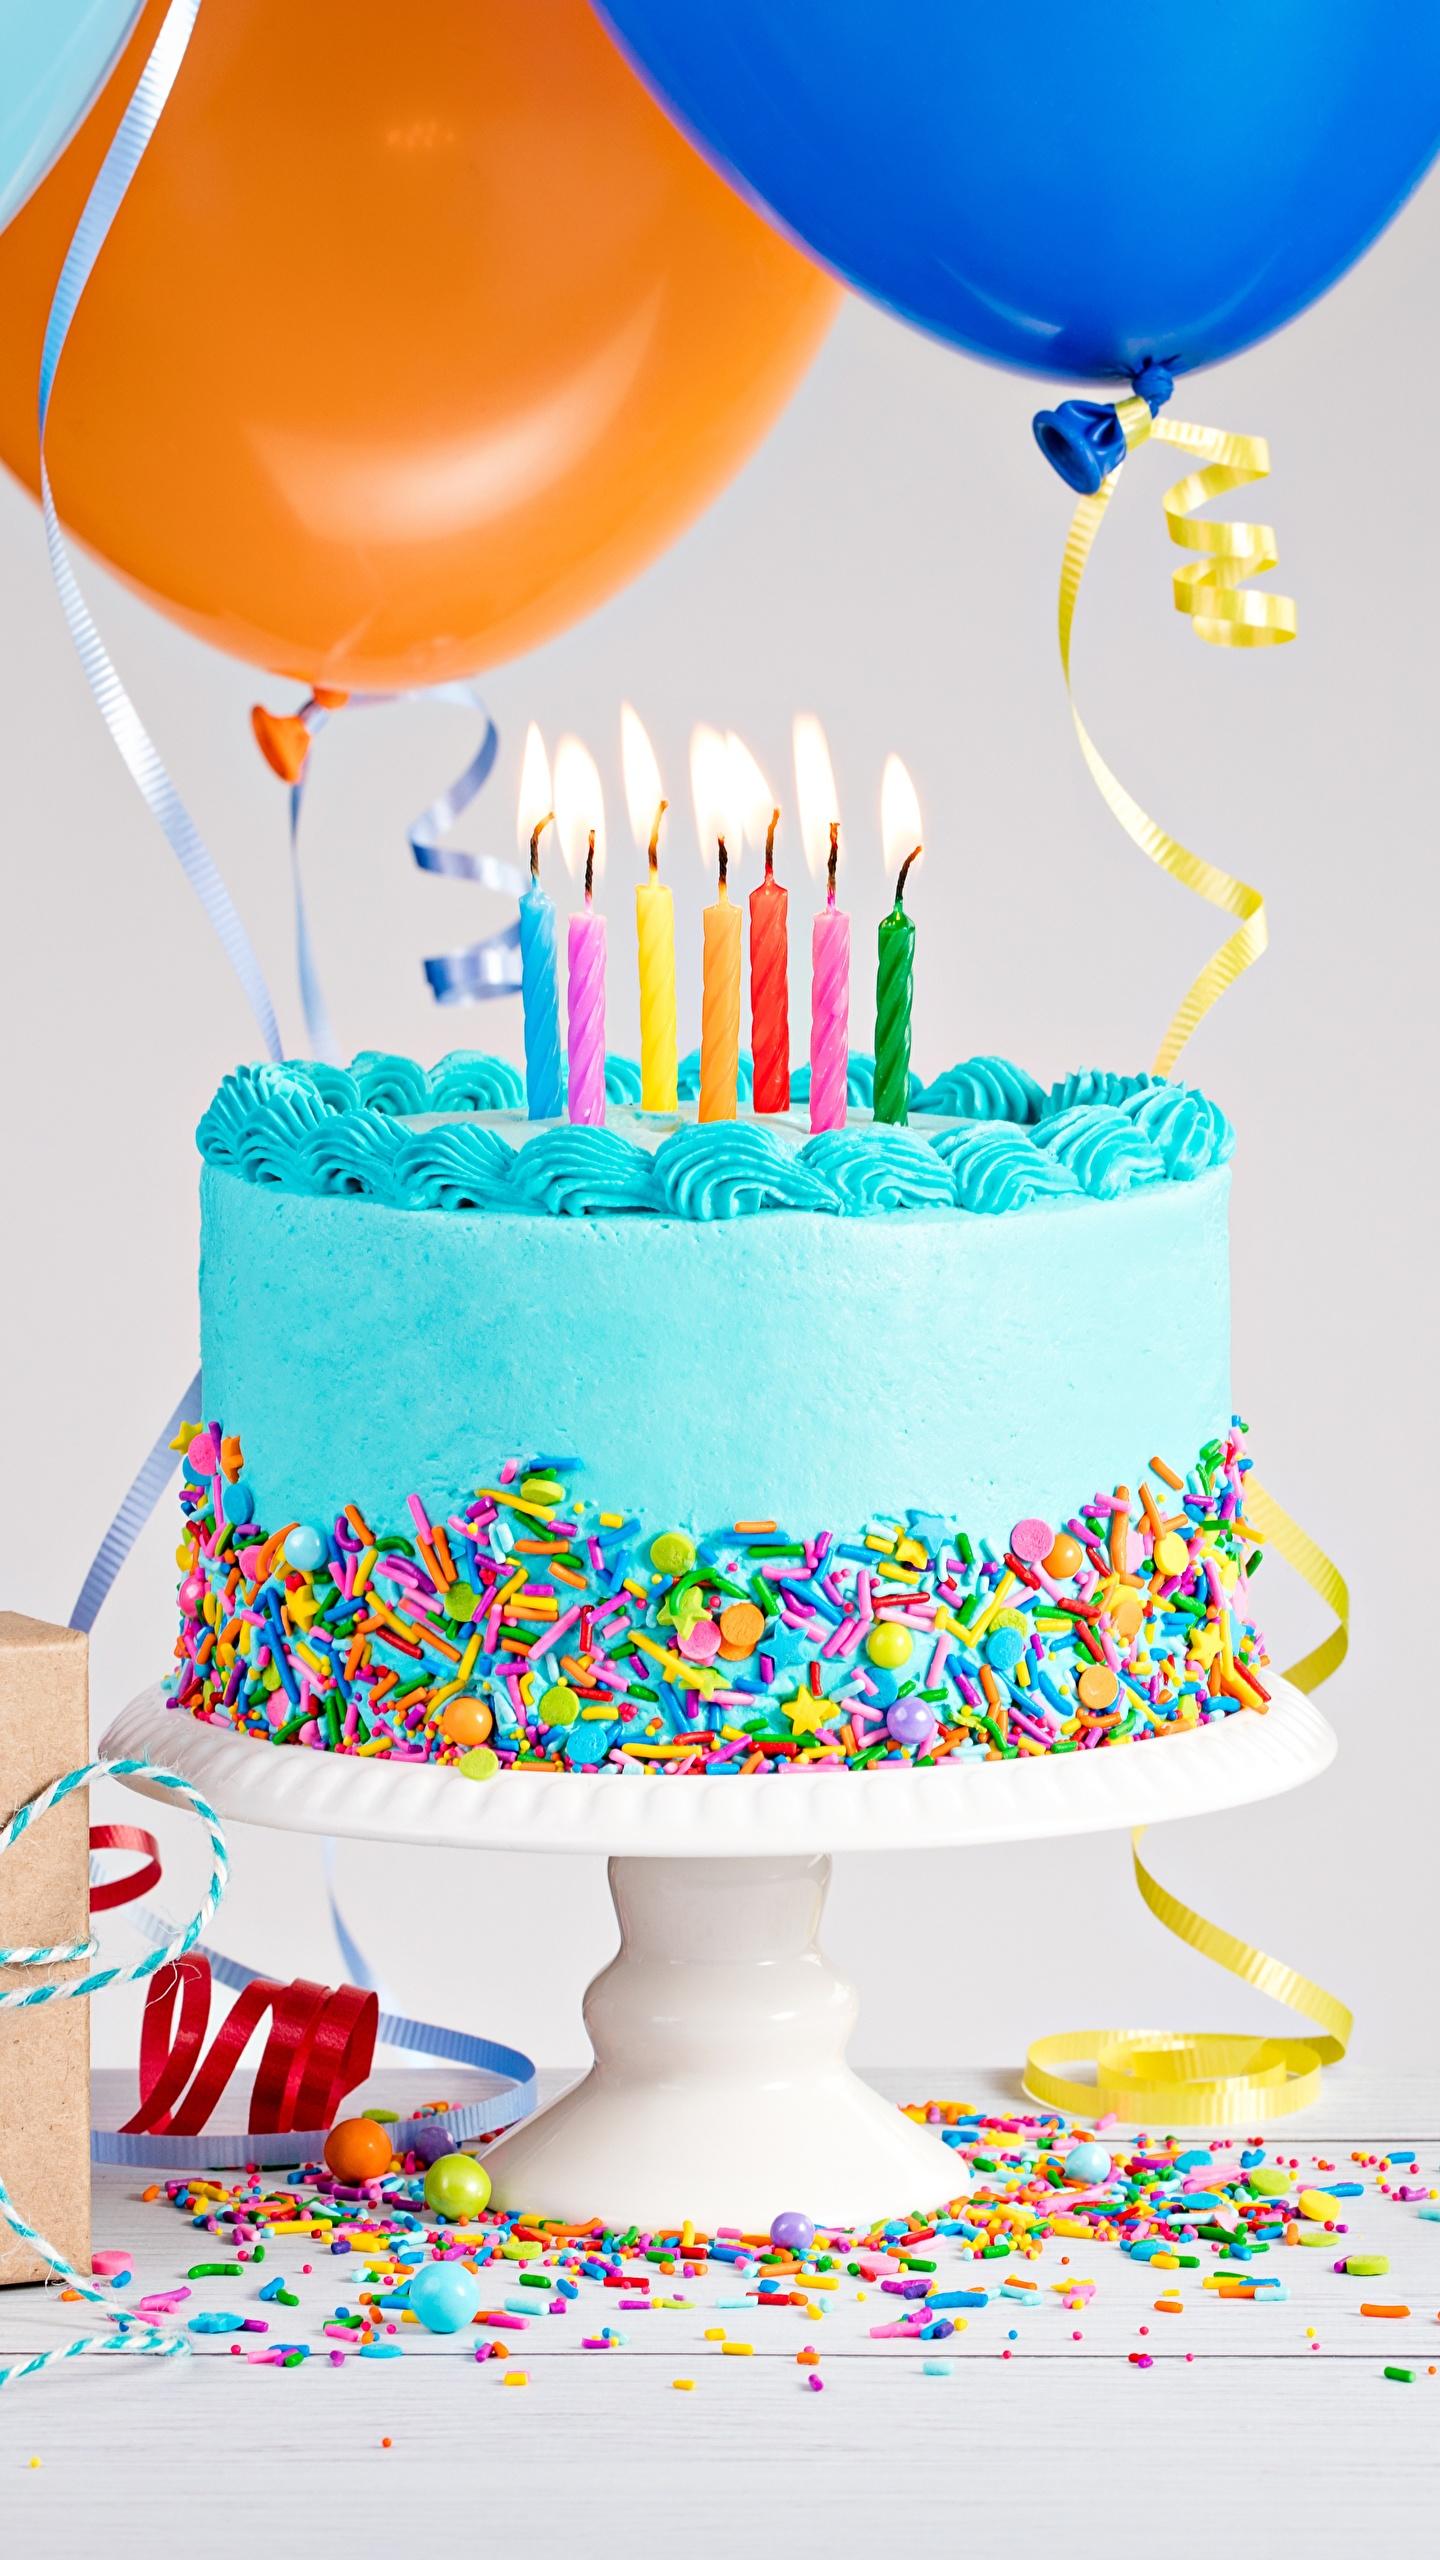 Фото День рождения Торты Пища Свечи 1440x2560 Еда Продукты питания